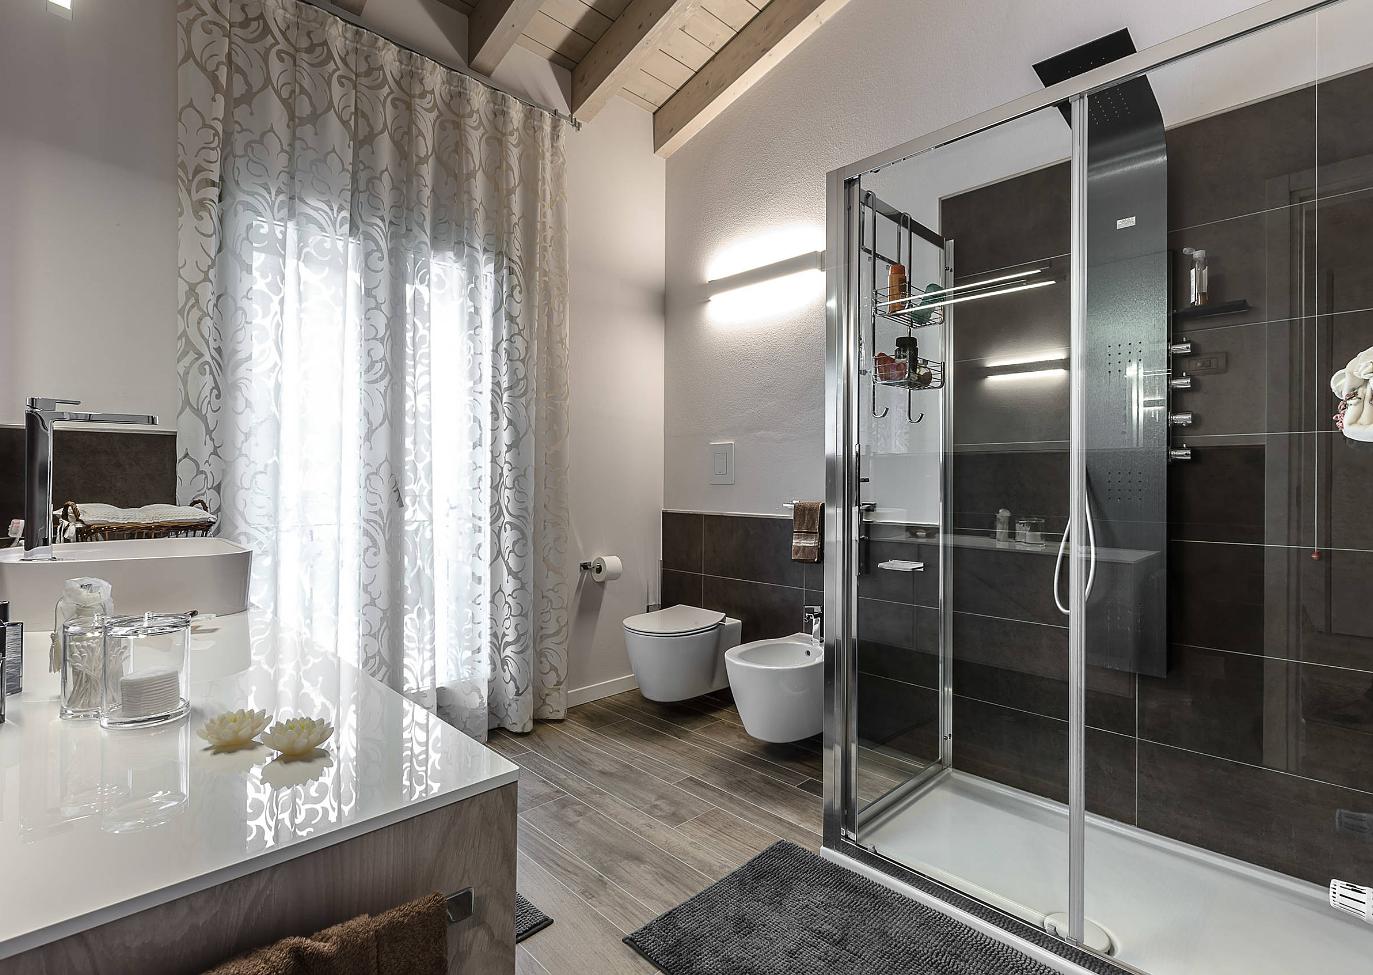 Come rinnovare il bagno senza spendere troppo fotogallery for Rinnovare il bagno senza rompere